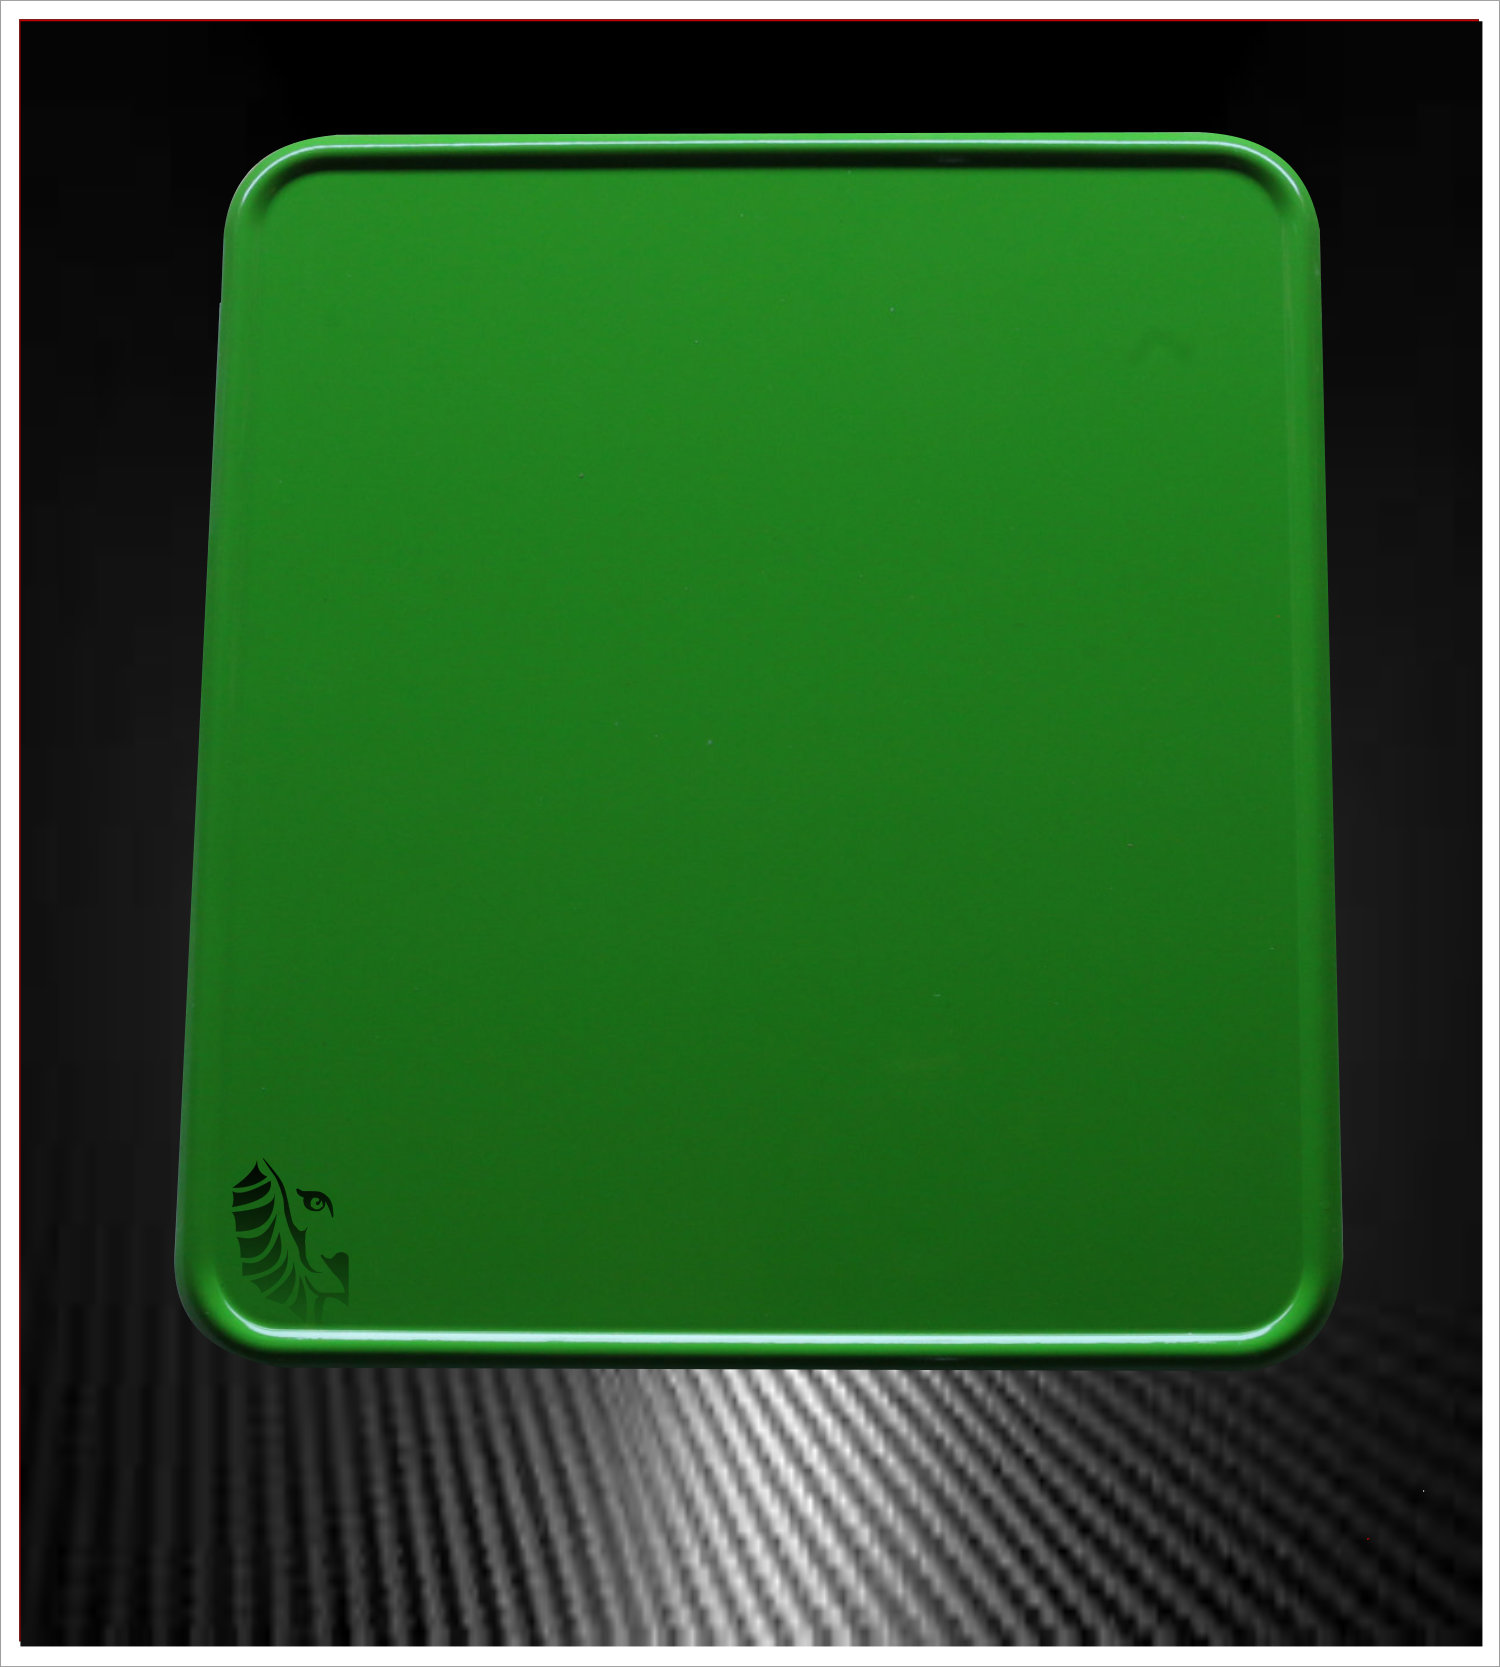 Motorrad Kennzeichenverstärker Green Sport